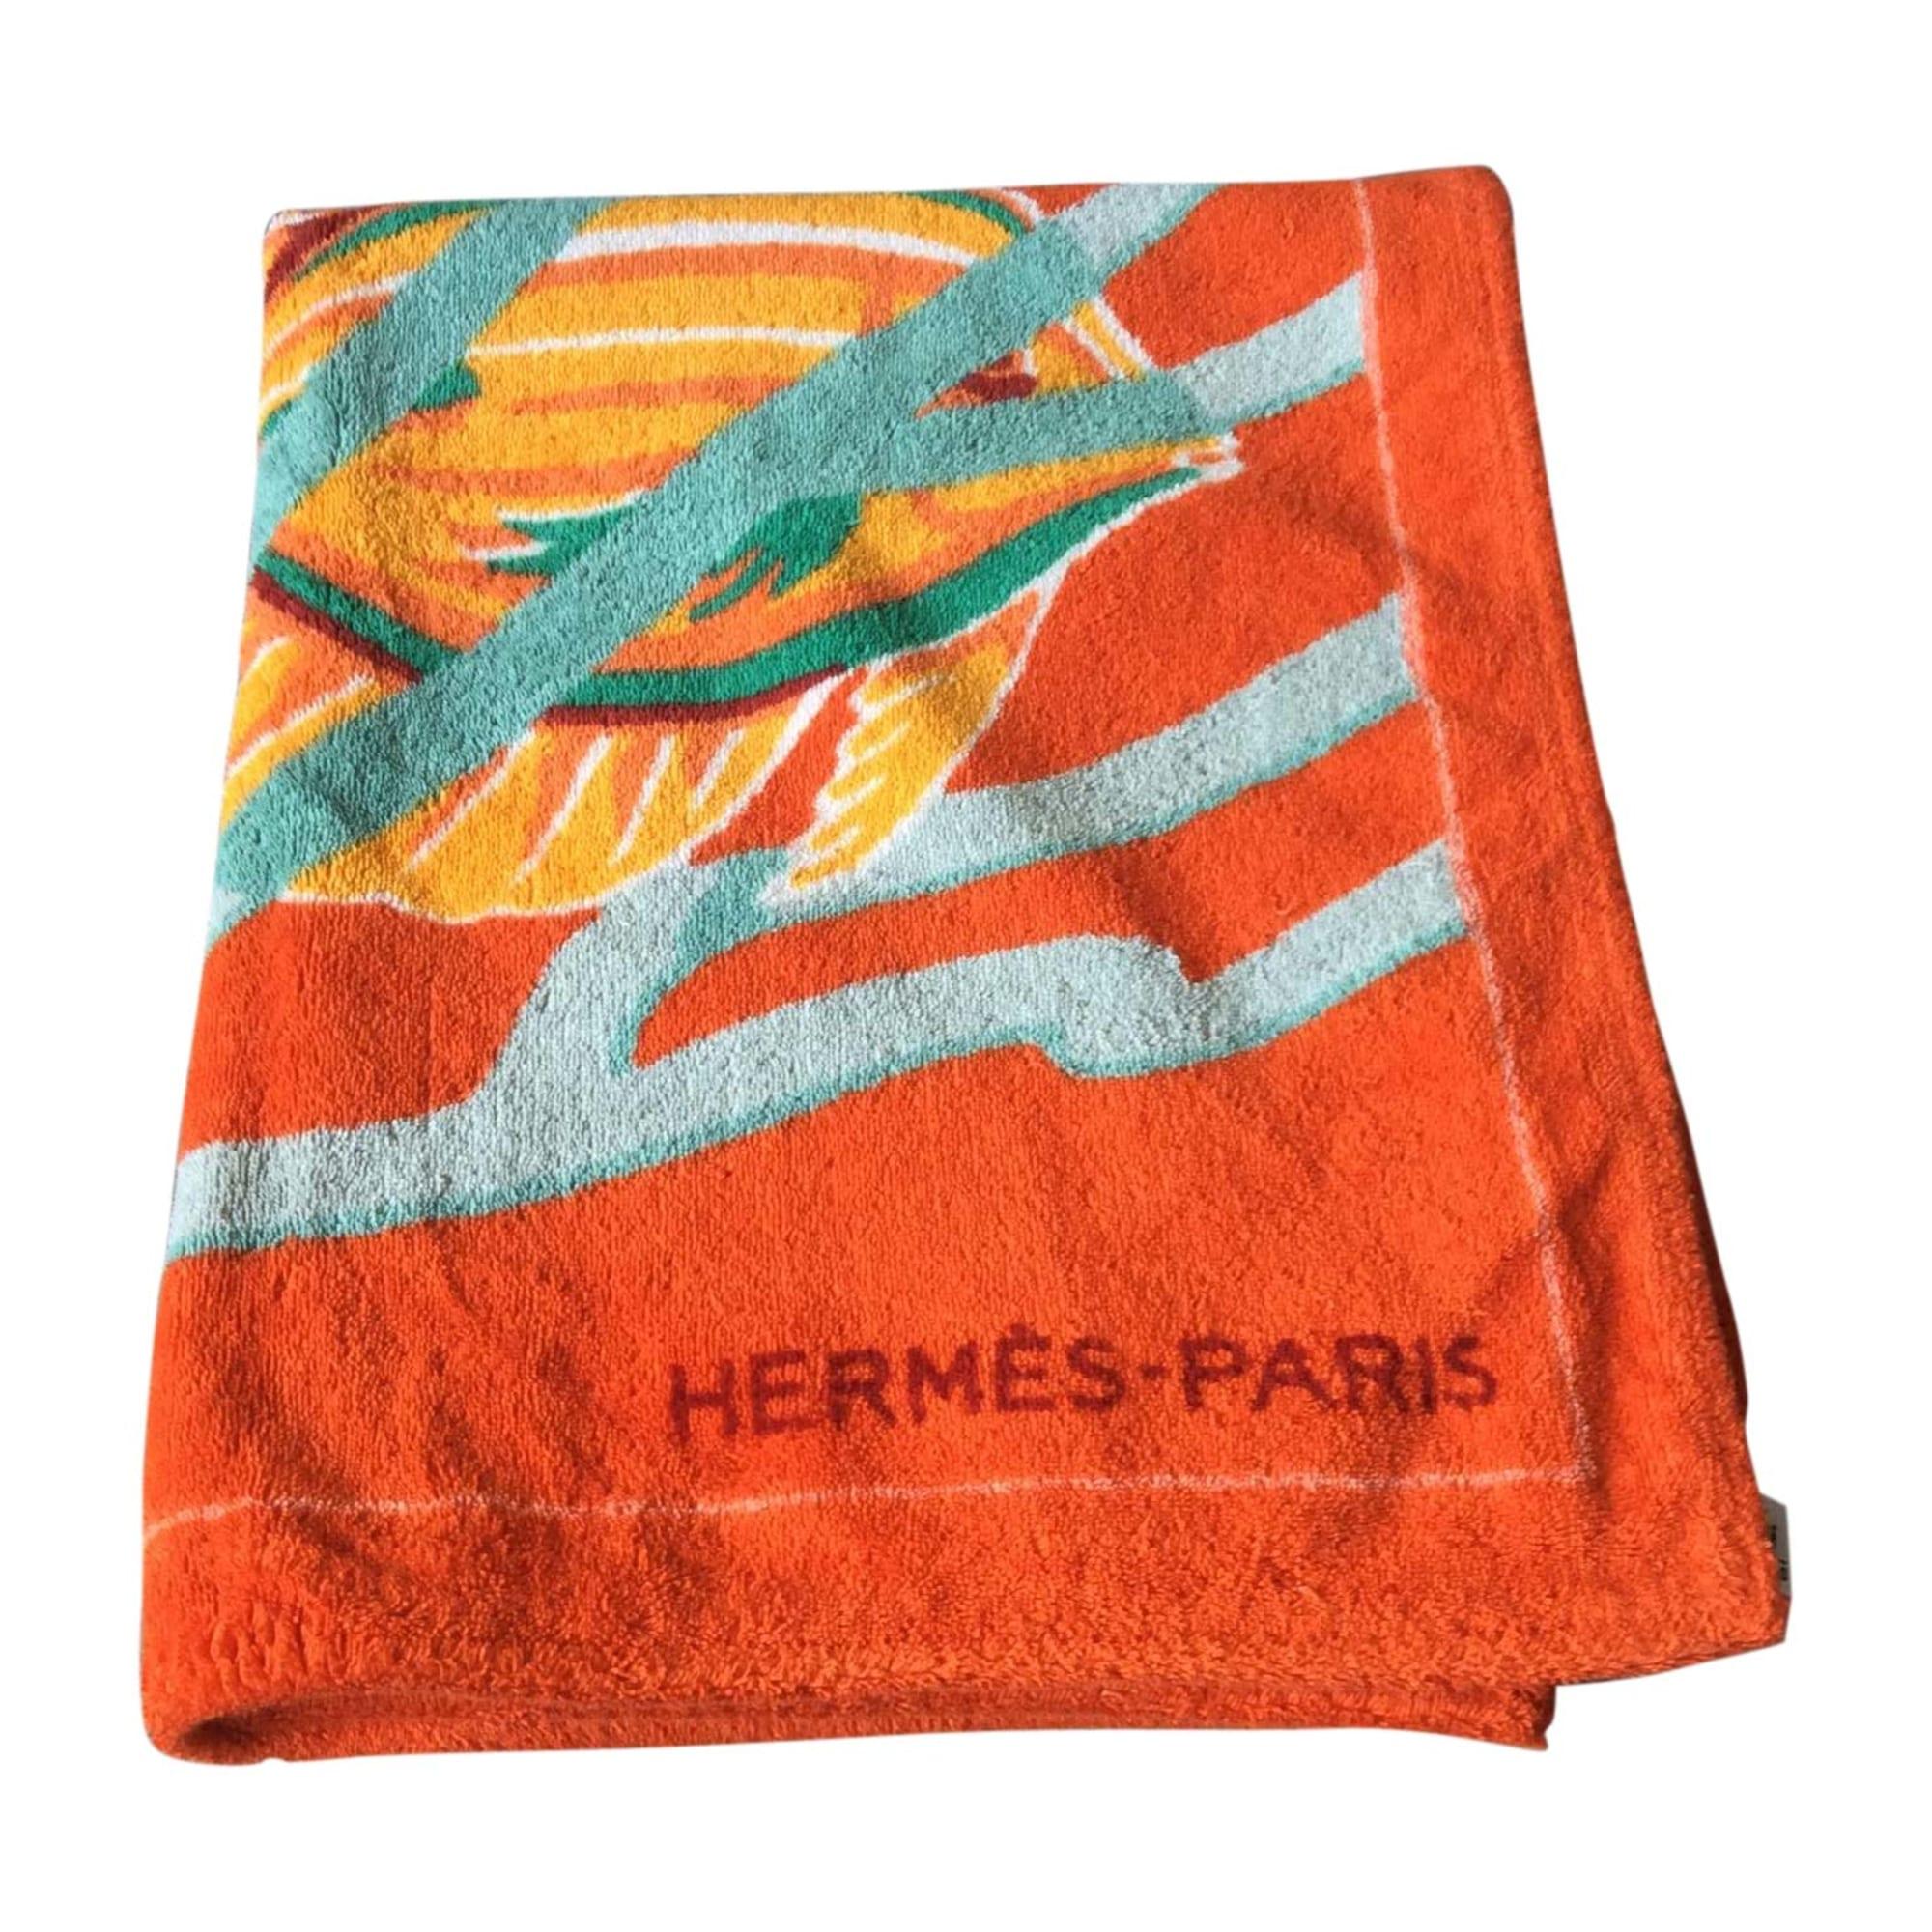 Etole HERMÈS orange vendu par Plumie - 6071798 f44e4655286